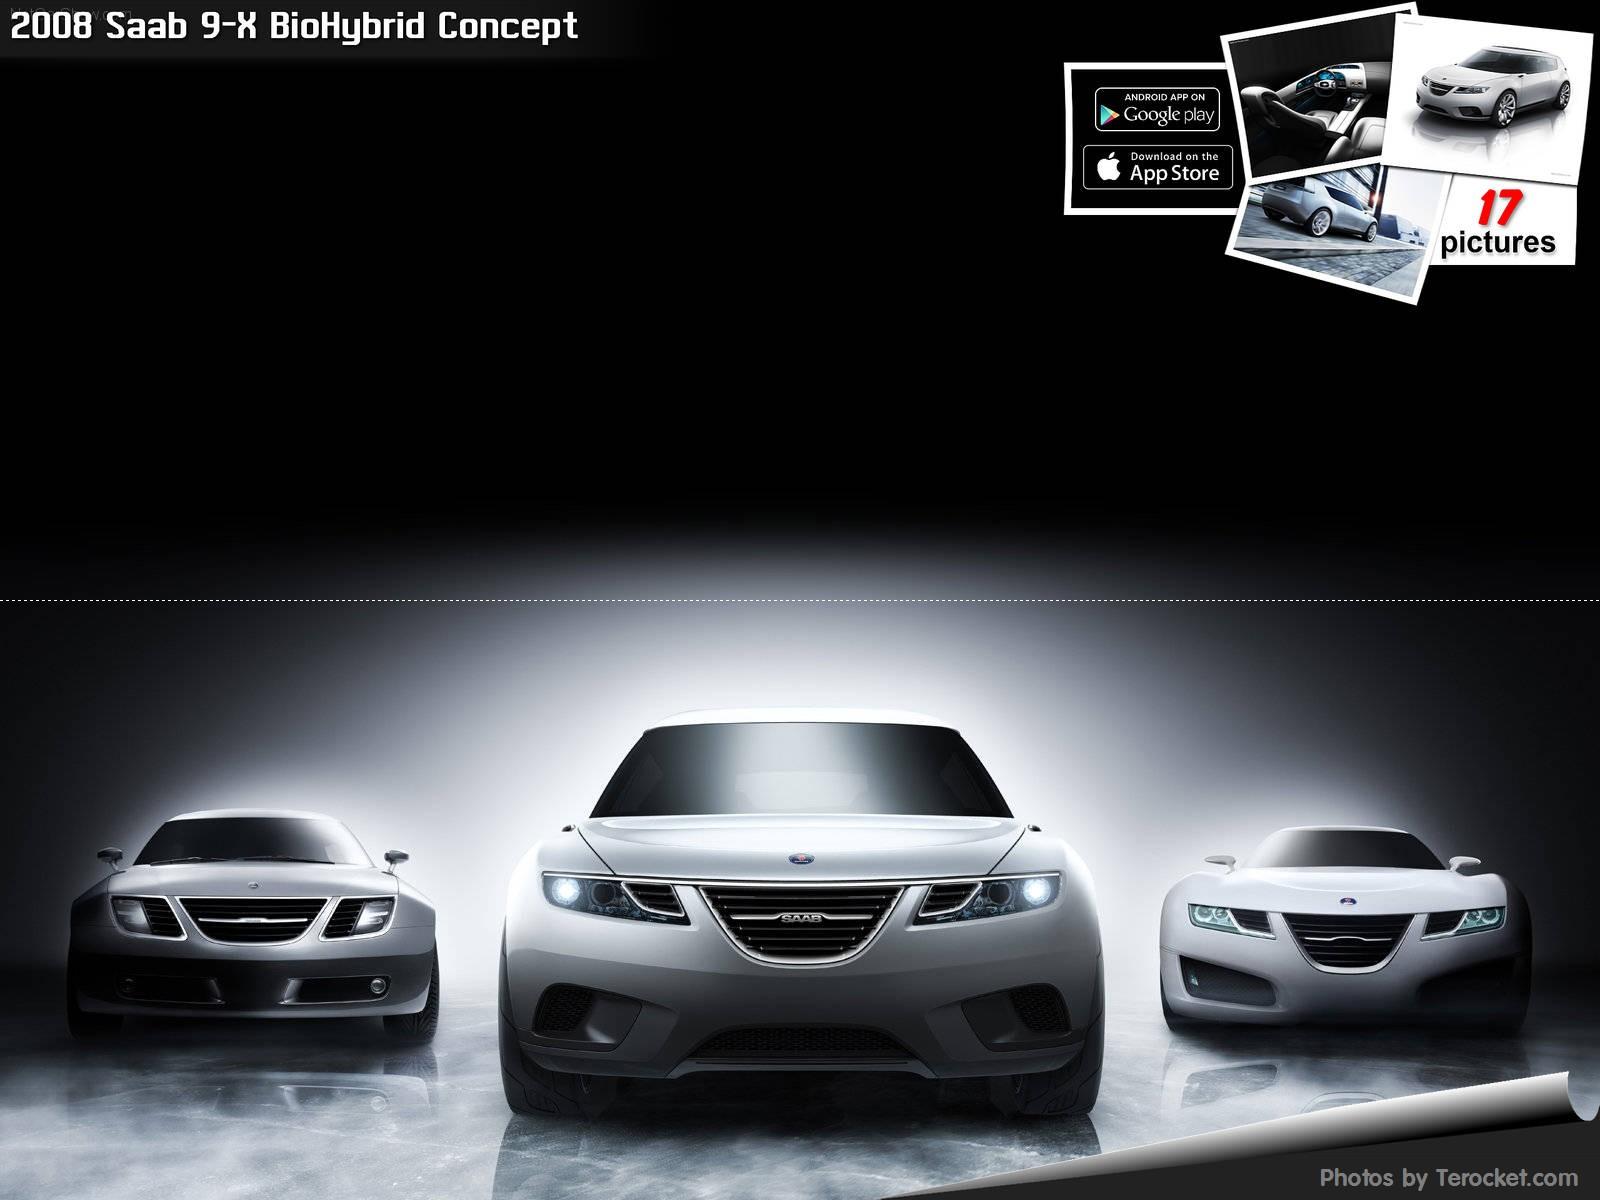 Hình ảnh xe ô tô Saab 9-X BioHybrid Concept 2008 & nội ngoại thất